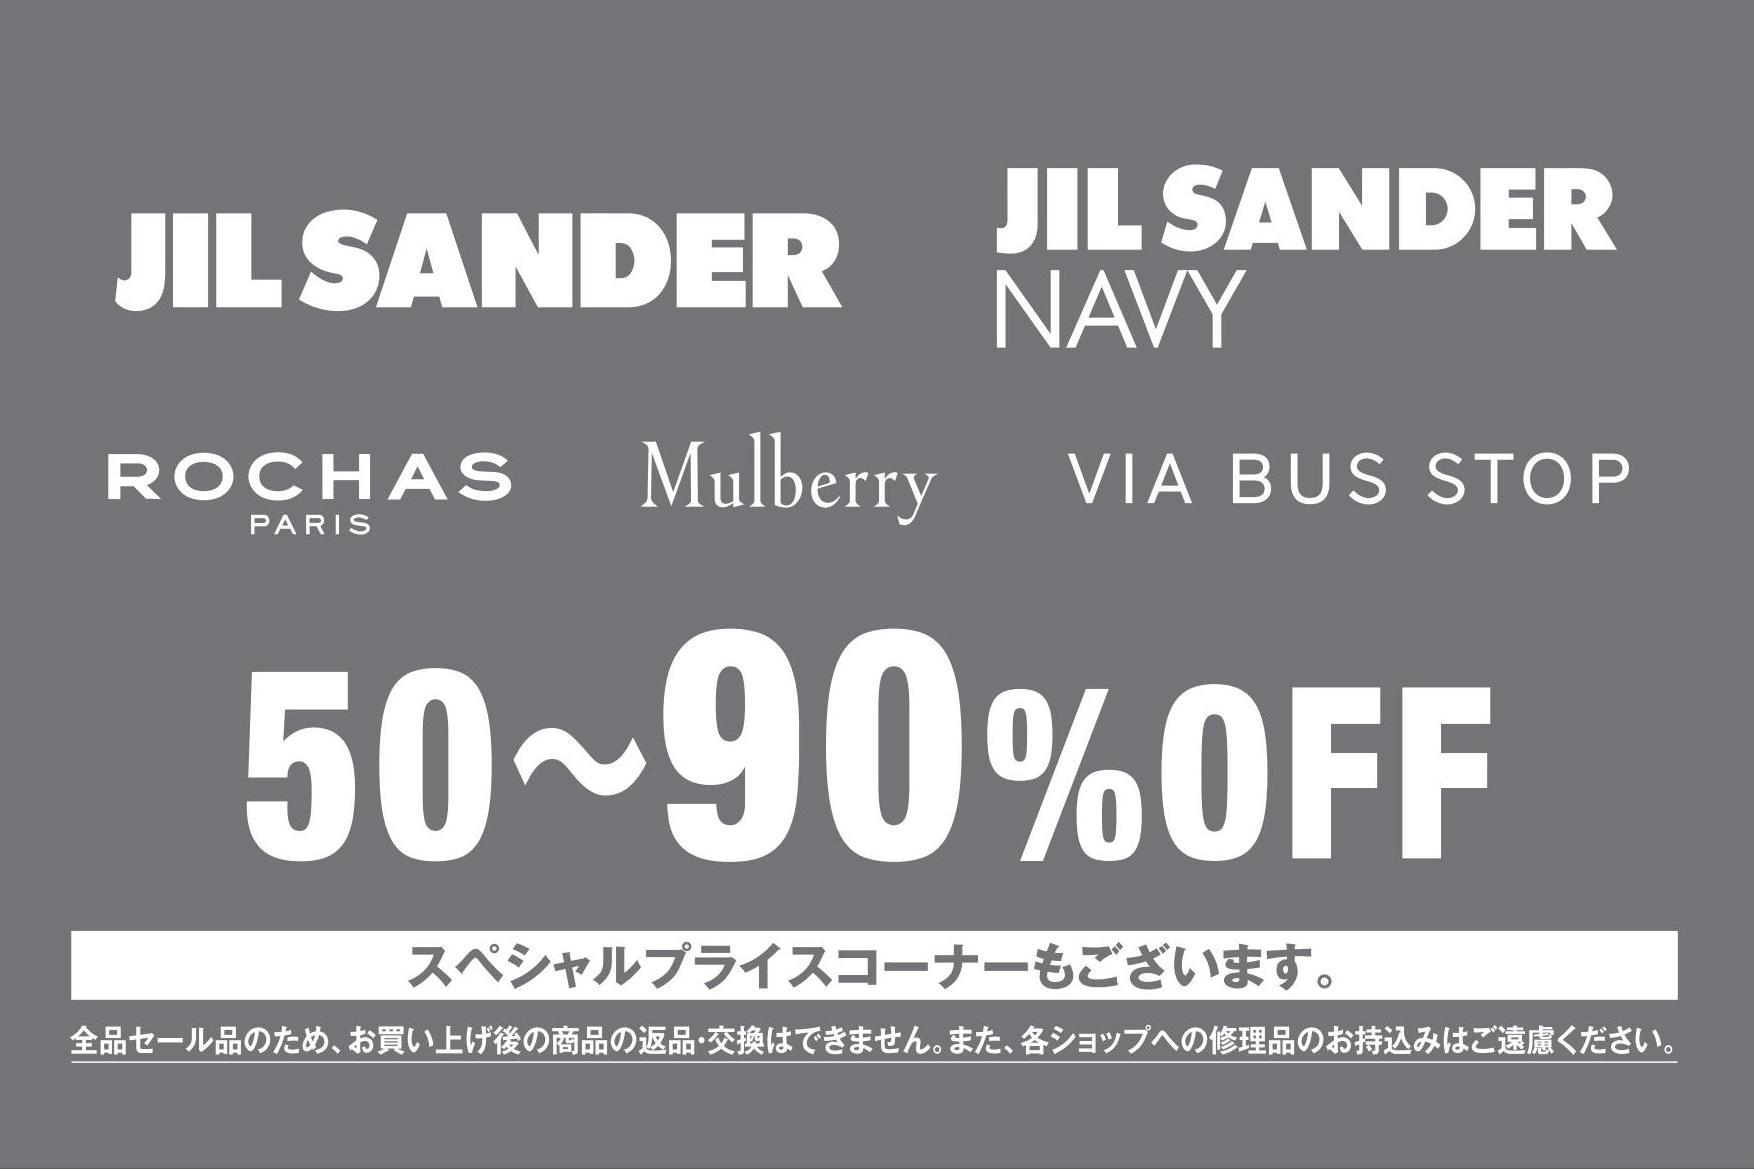 大阪 JIL SANDER/ROCHAS/VIA BUS STOP/Mulberry ファミリーセール